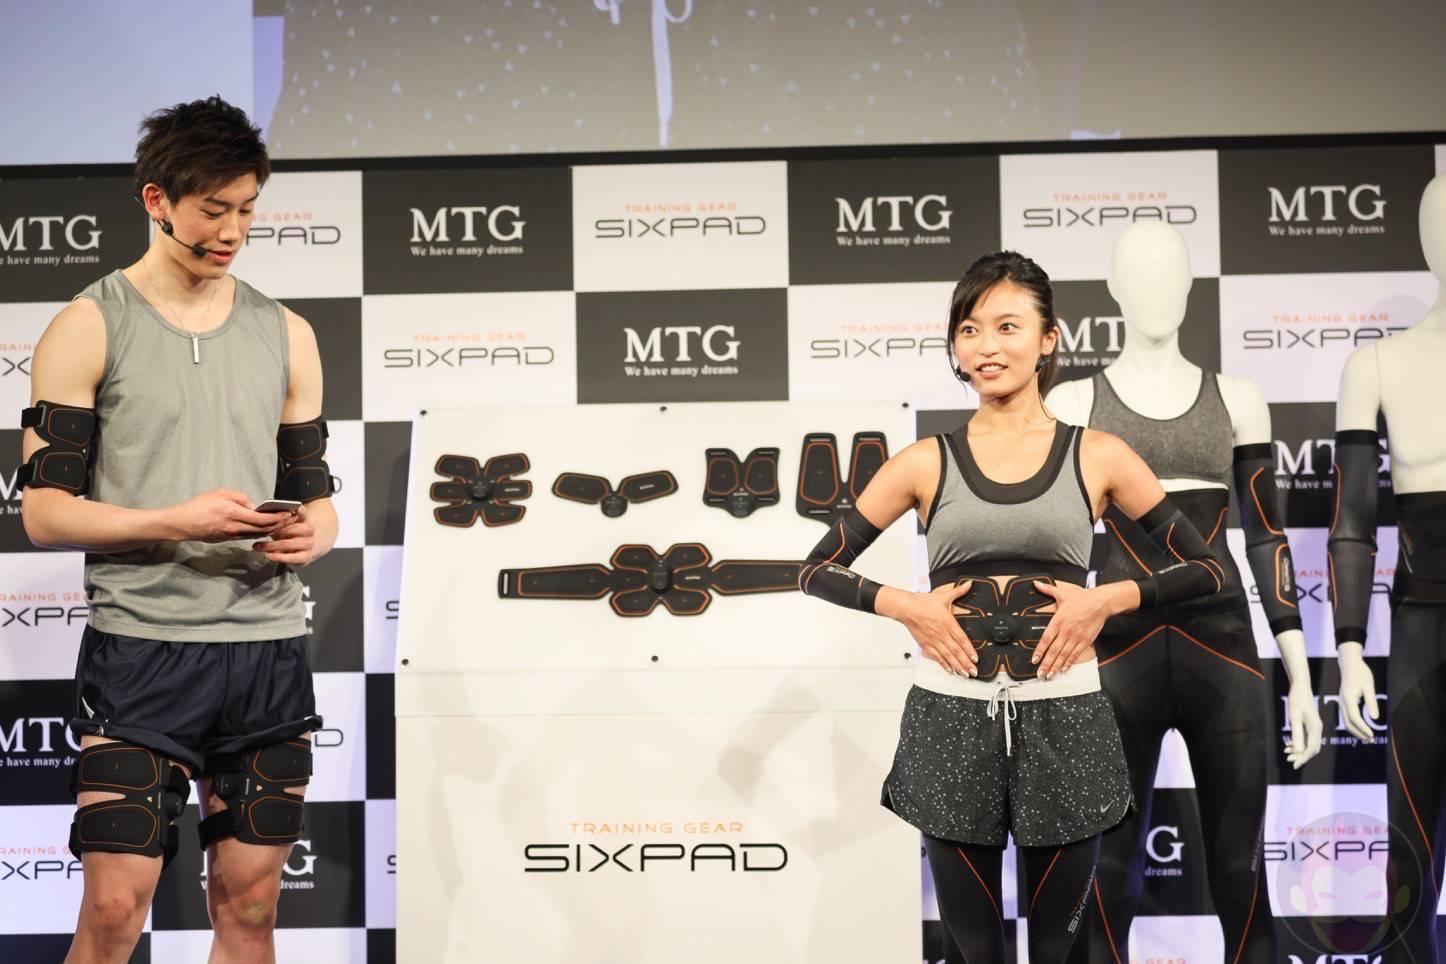 MTG-SIXPAD-New-Products-KojiRuri-Ishikawa-67.jpg